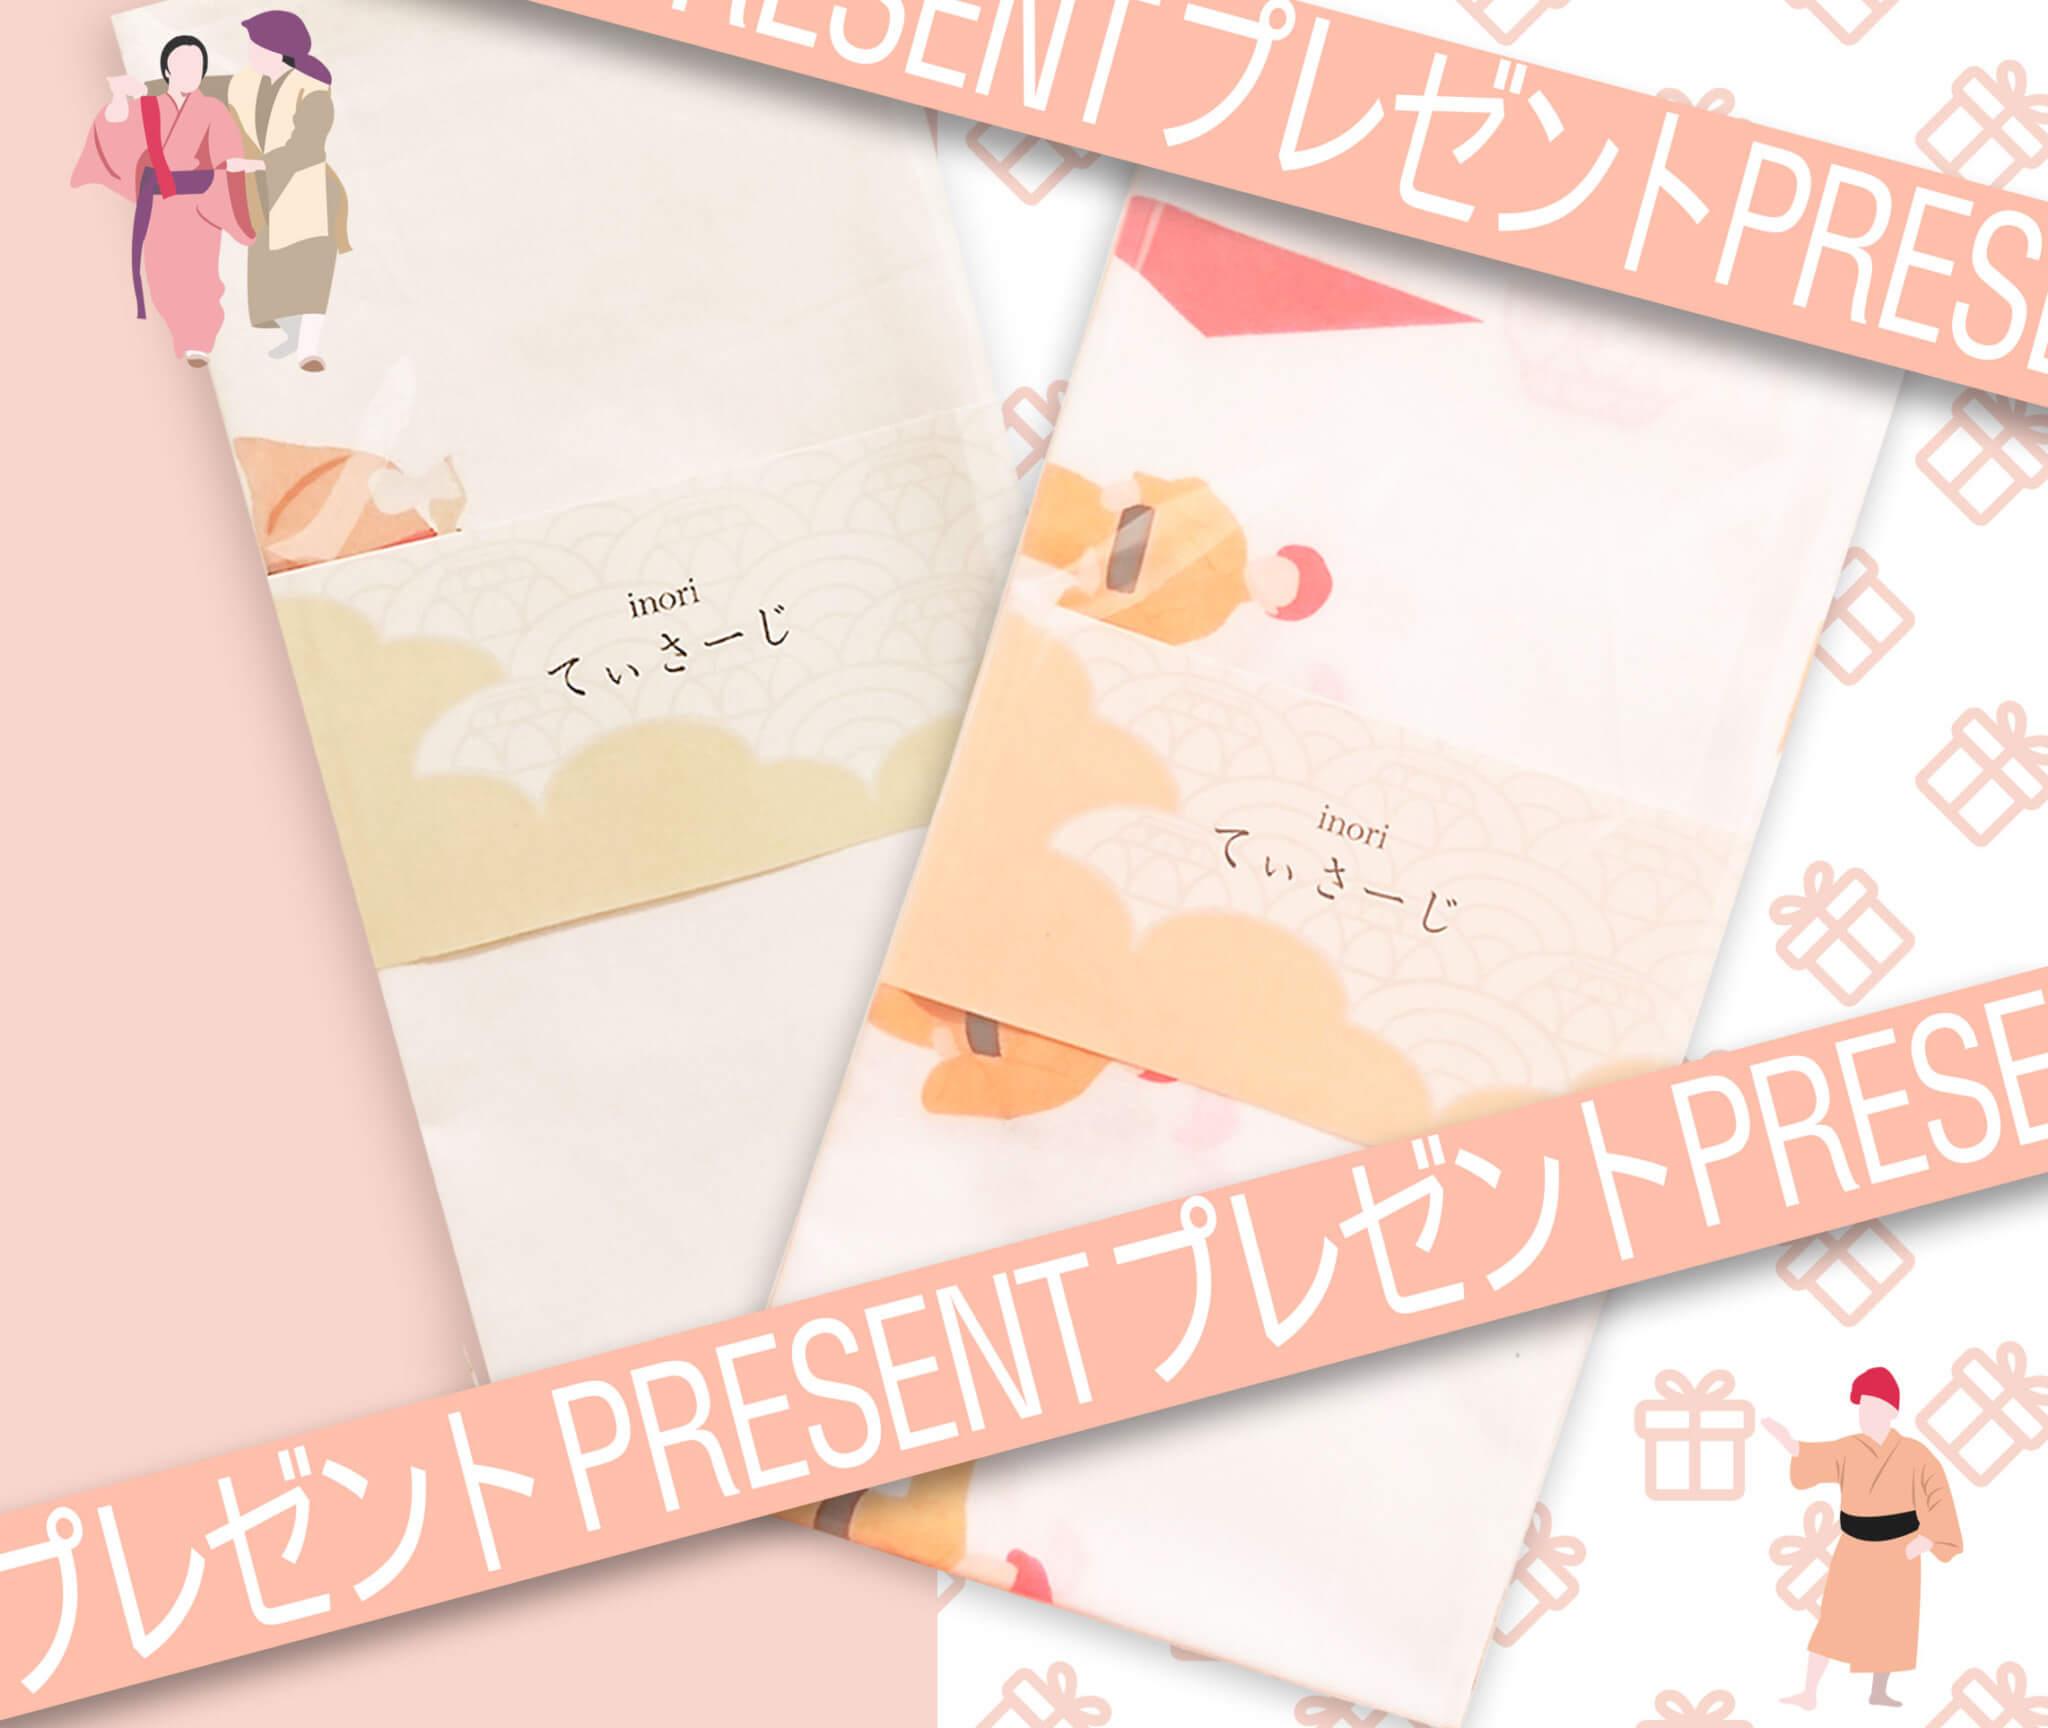 ティサージ(手巾)プレゼント企画の画像